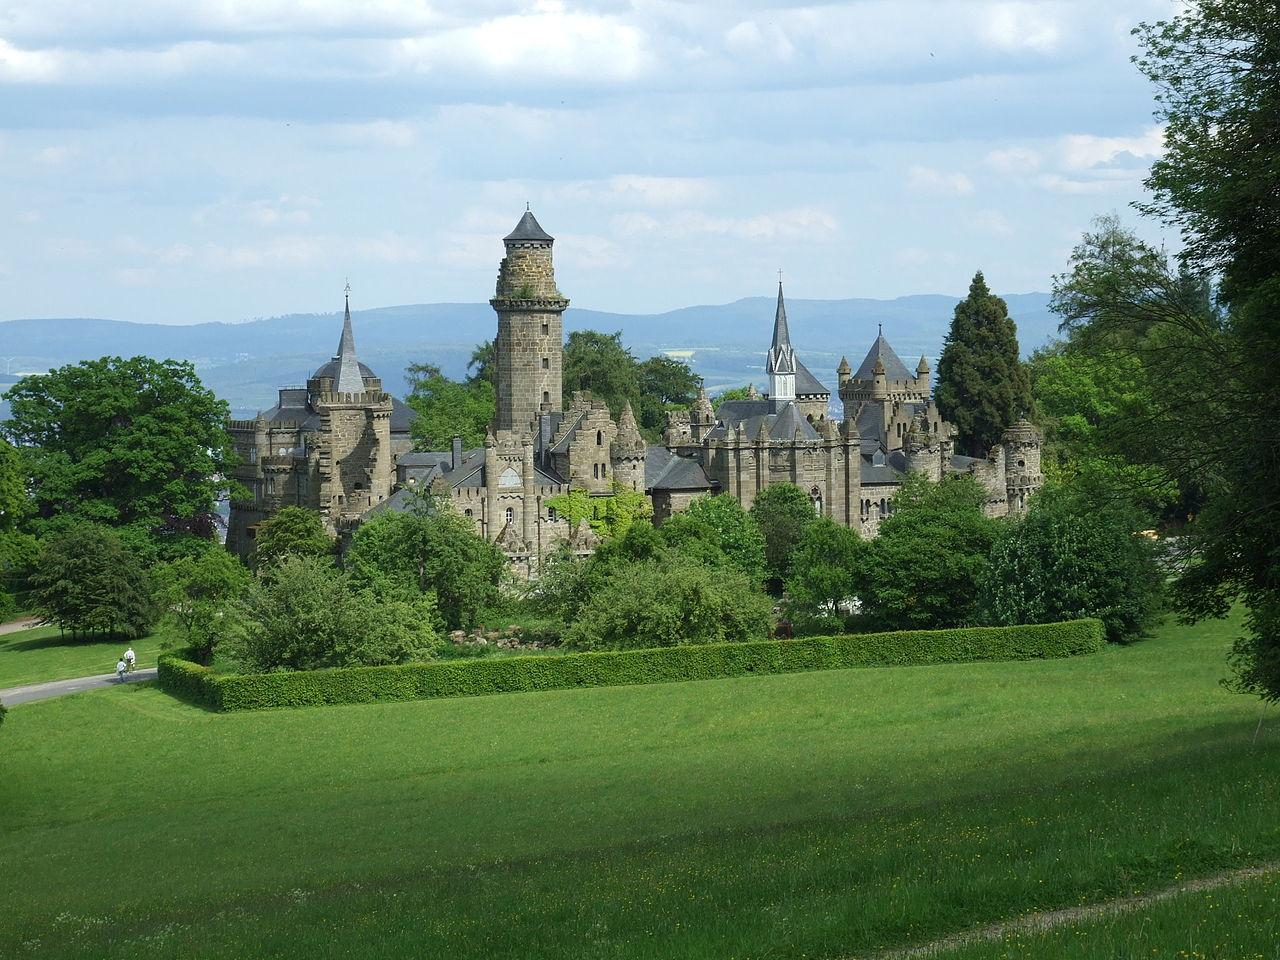 Кассель, Германия: интересные достопримечательности, чем заняться и где поесть в городе